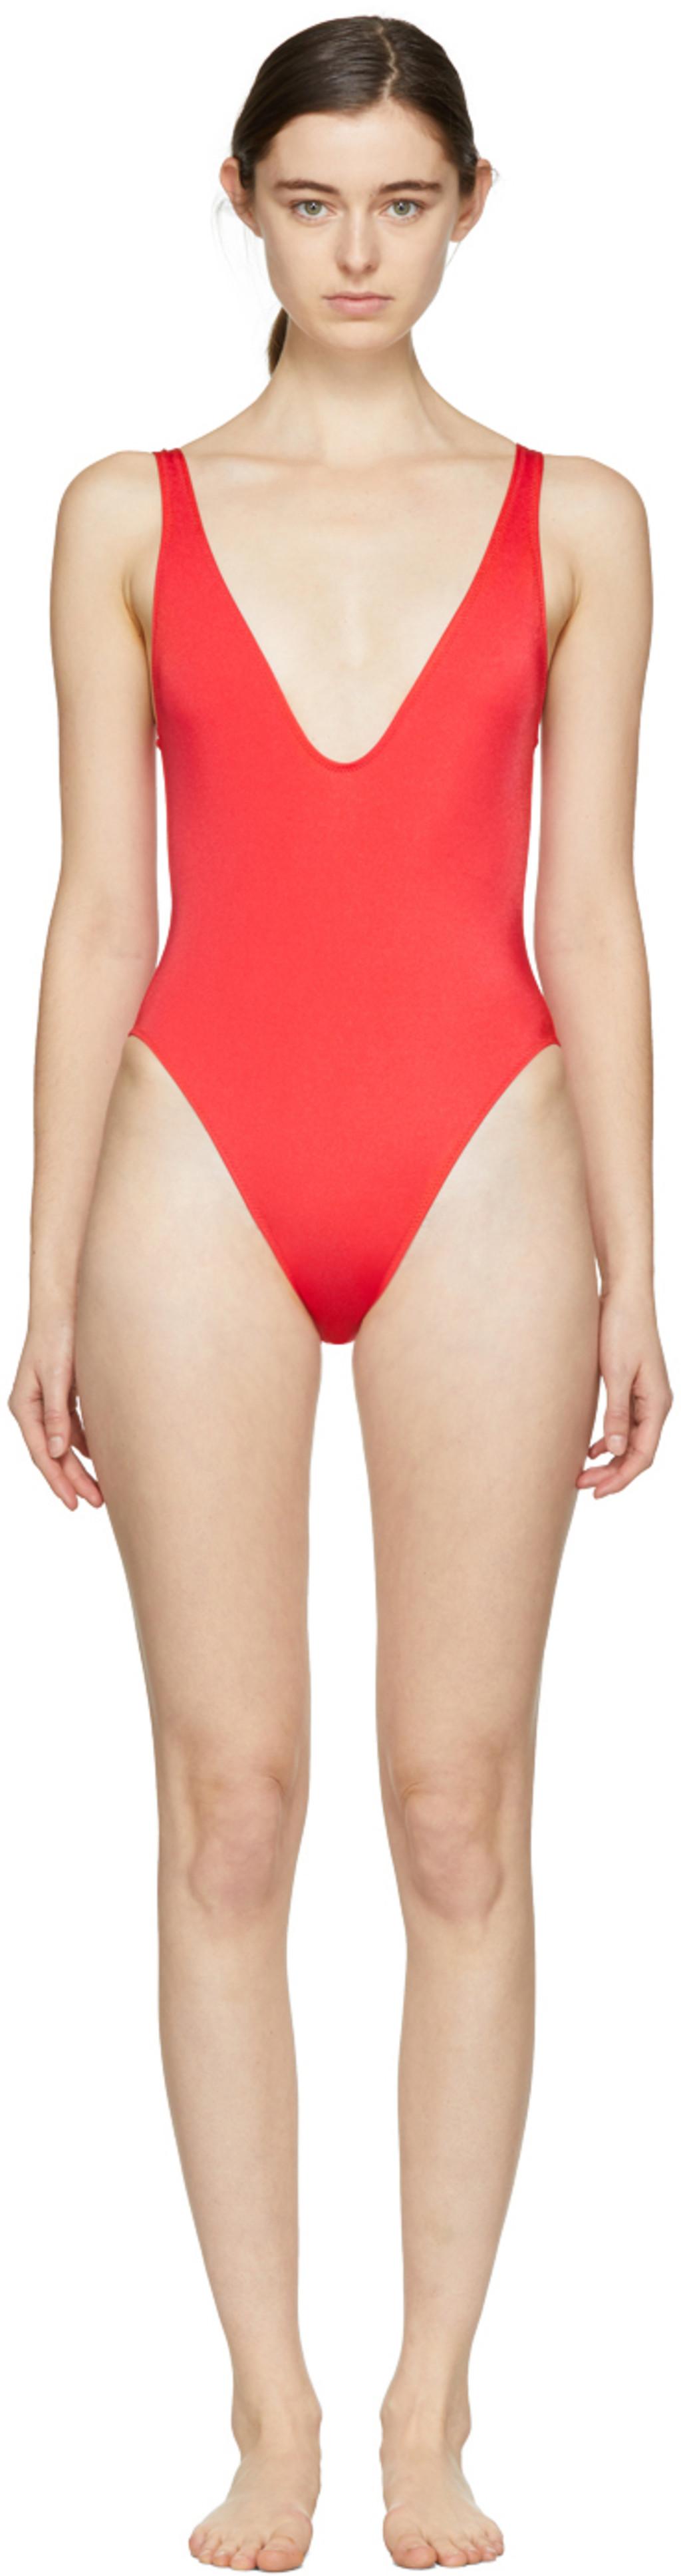 european-teen-bikini-credit-card-free